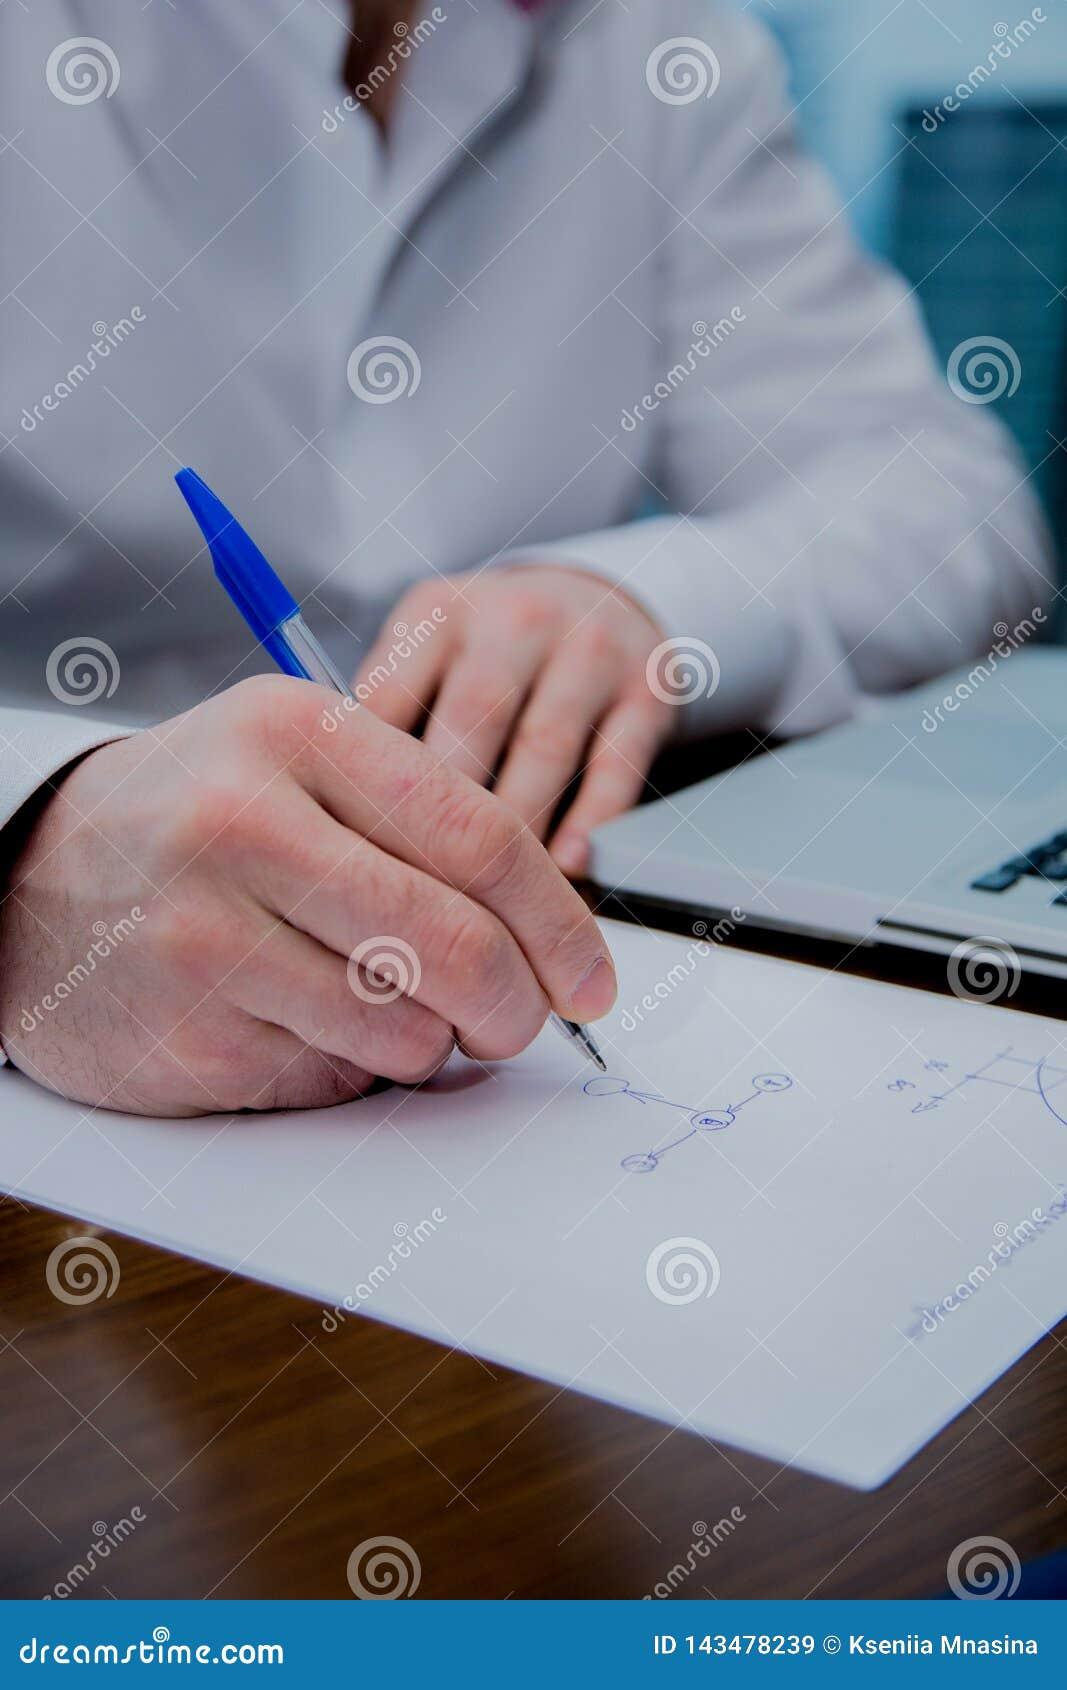 Un homme écrit avec un stylo sur une feuille de papier, ordinateur évident